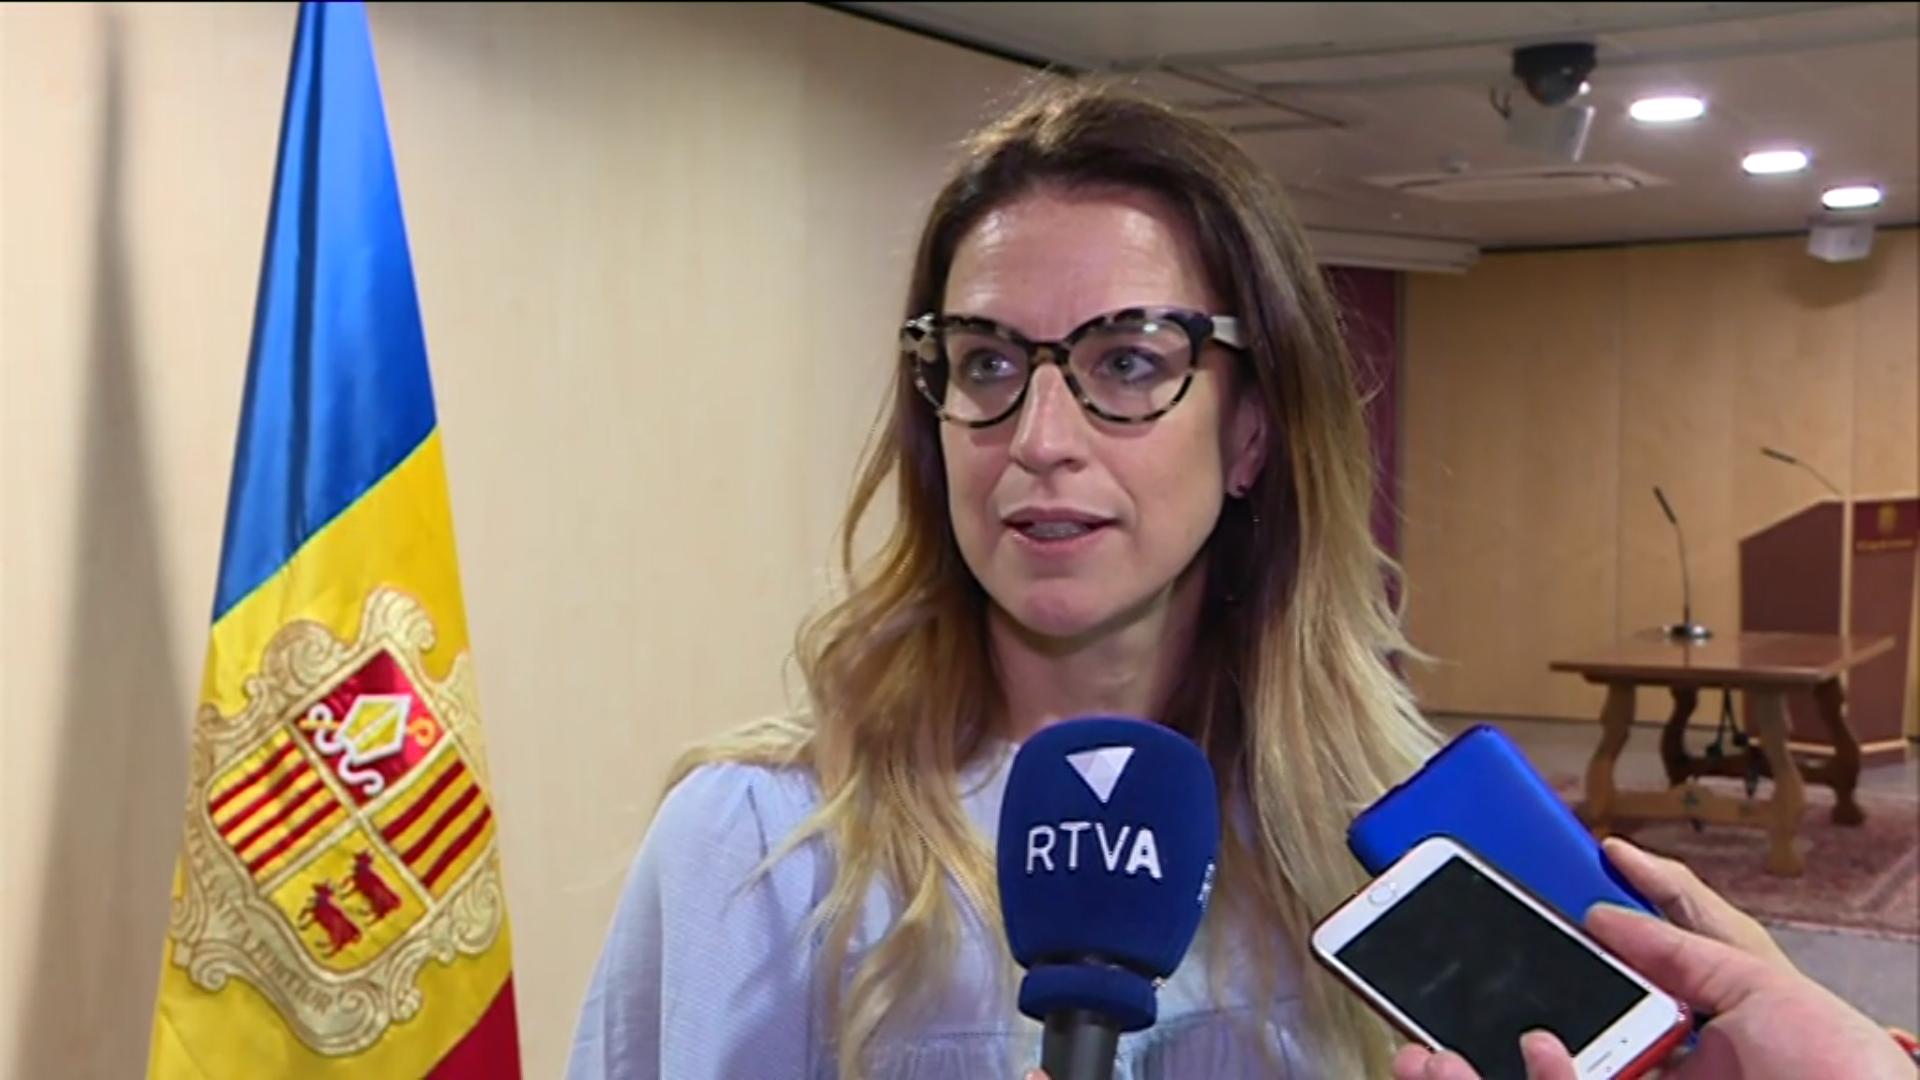 Riva nomena els directors de Cultura i treballa per fer Justo Ruiz secretari d'Estat d'Esports